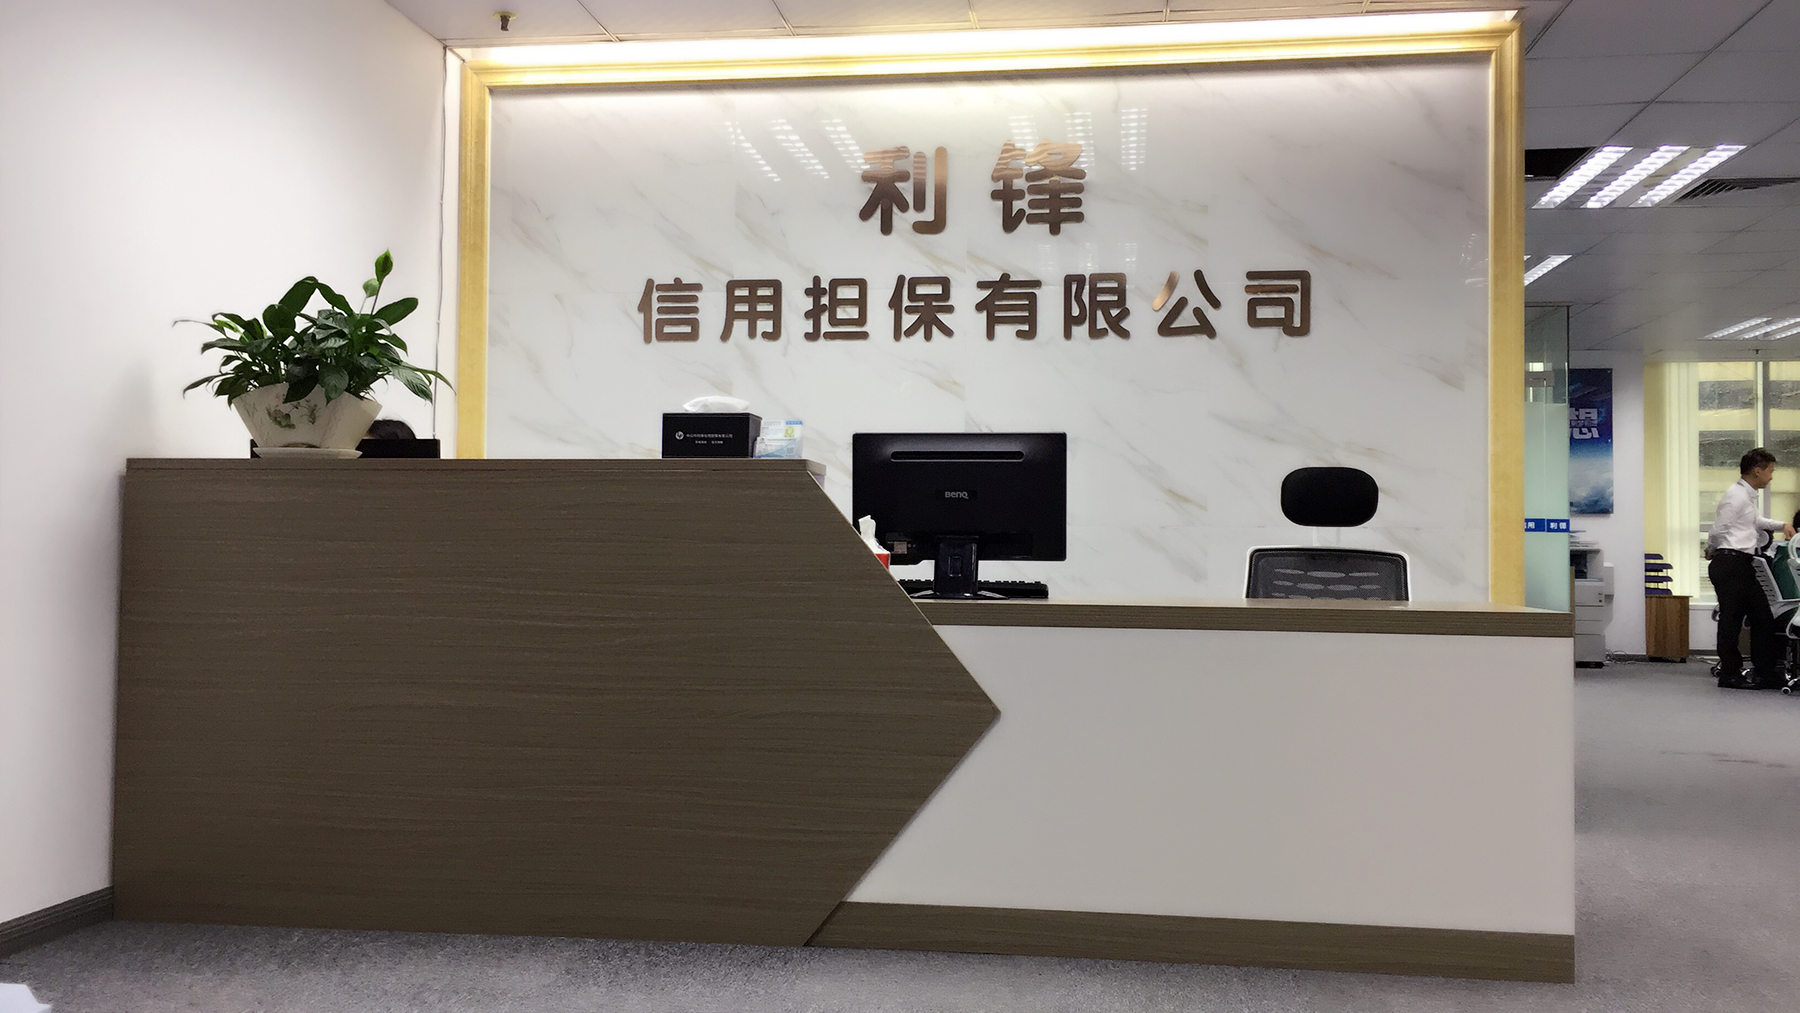 中山市利锋信用担保有限公司_国际人才网_job001.cn